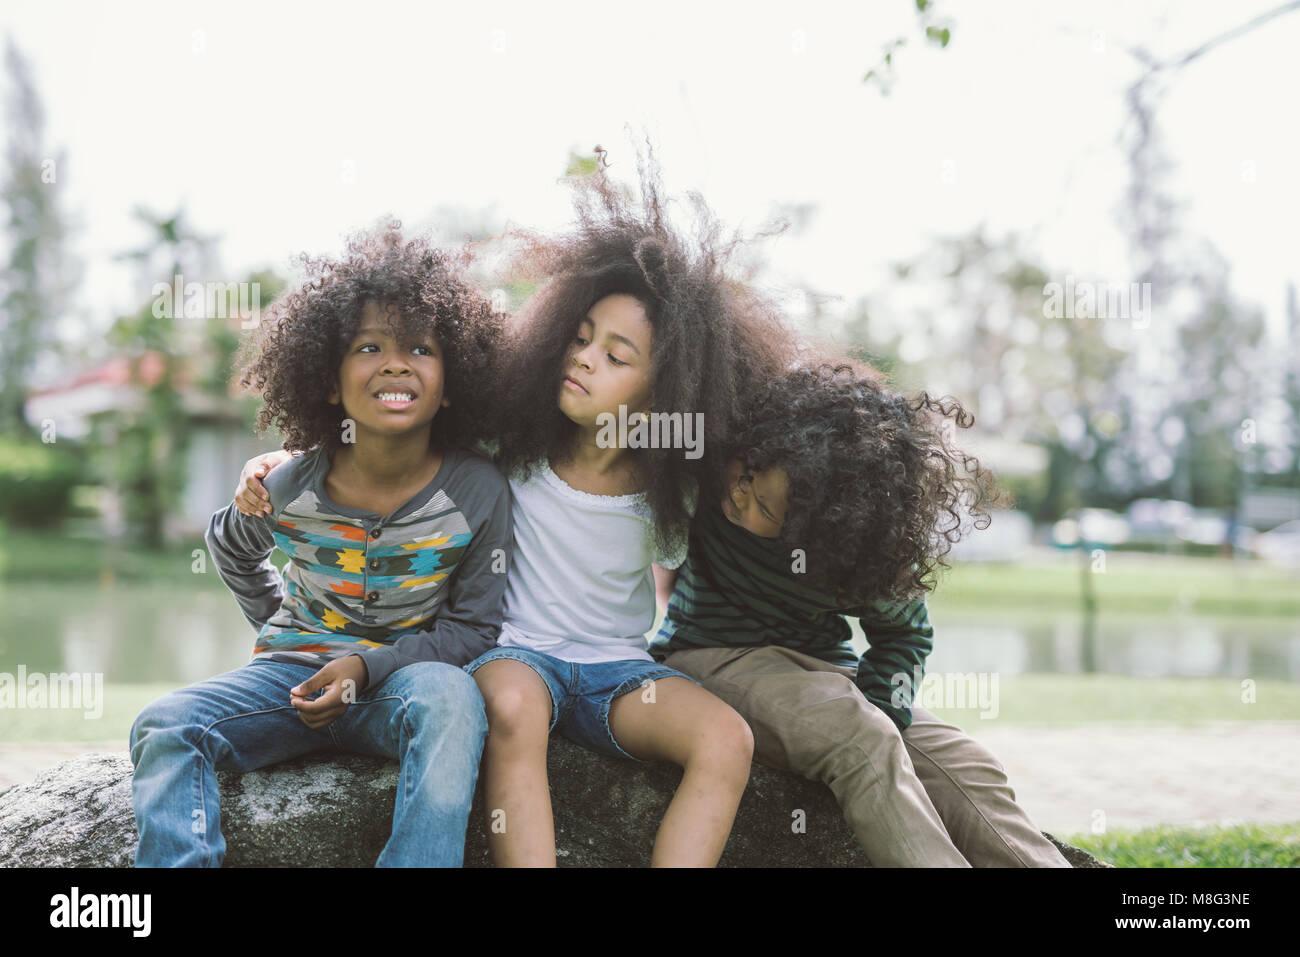 Los niños amistad compañerismo sonriente felicidad concepto.afroamericano cute little Boy y Girl abrazo Imagen De Stock